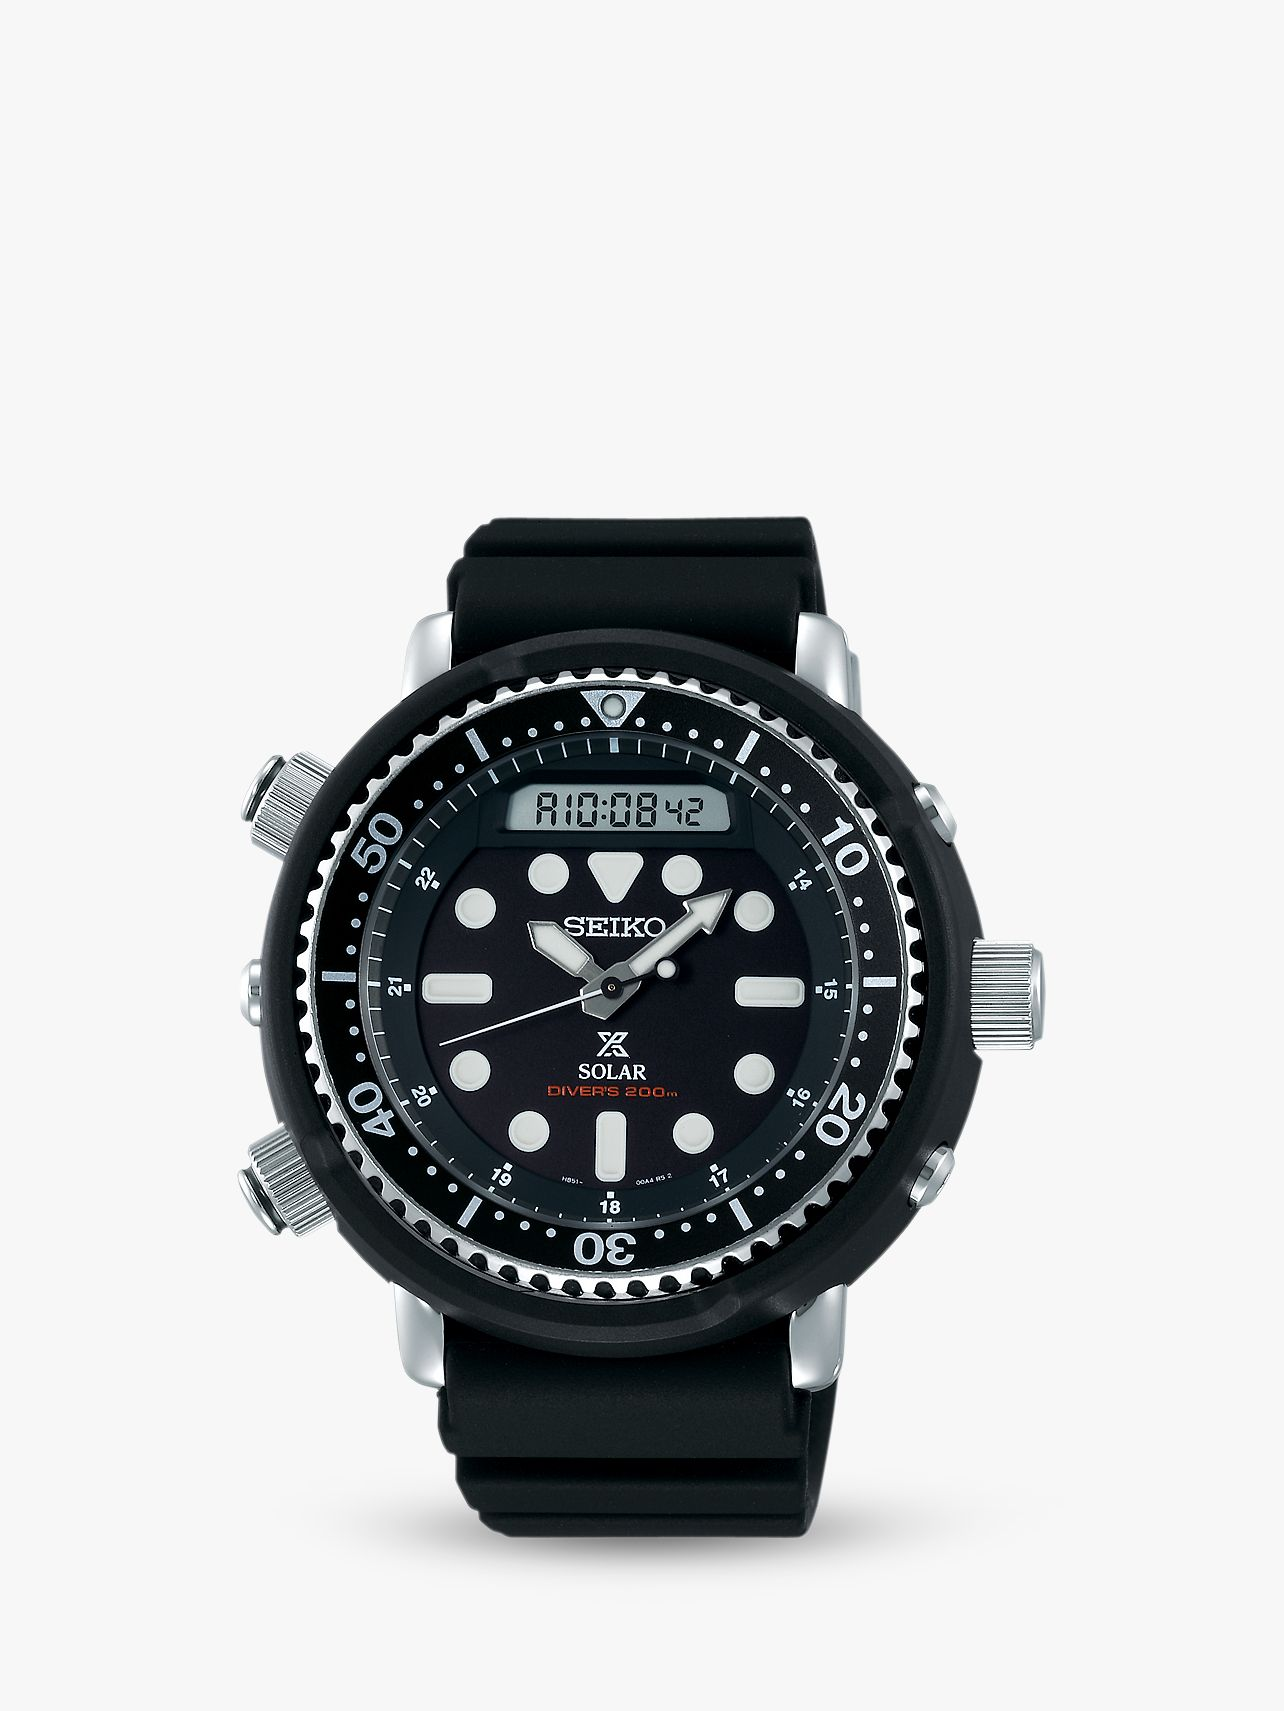 Seiko Seiko SNJ025P1 Men's Prospex Arnie Solar Date Silicone Strap Watch, Black